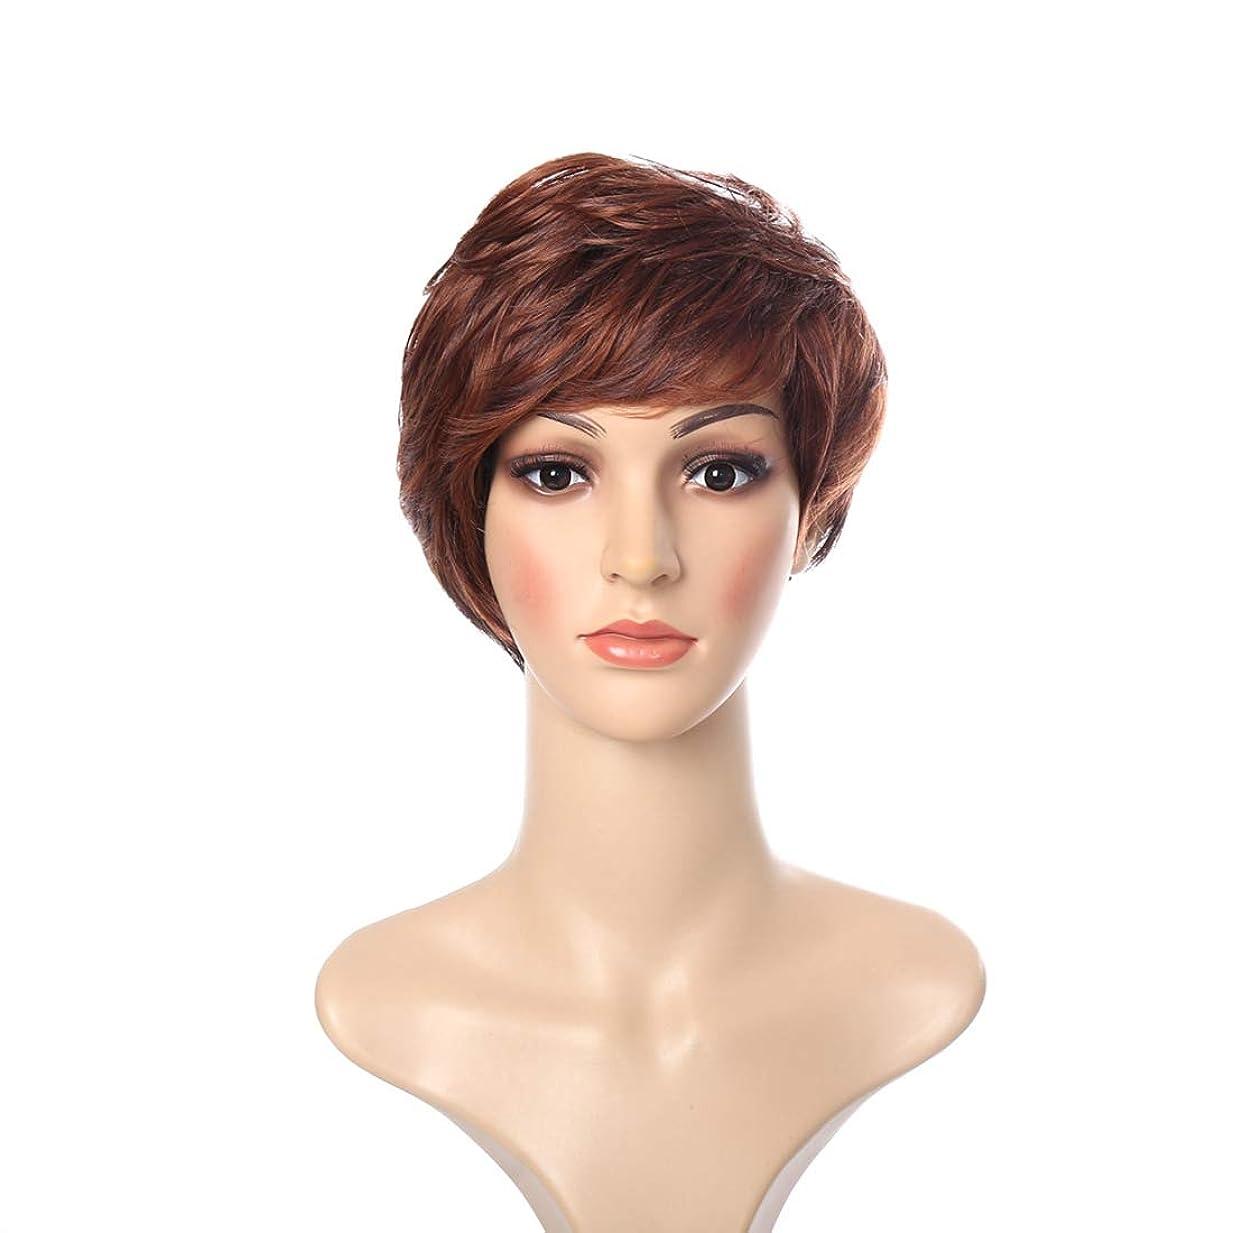 宮殿モルヒネ並外れてKoloeplf ふわふわの偽のヘッドギアは、勾配ヨーロッパとアメリカのヘアスタイルの女性のショートヘアカール (Color : ブラウン)